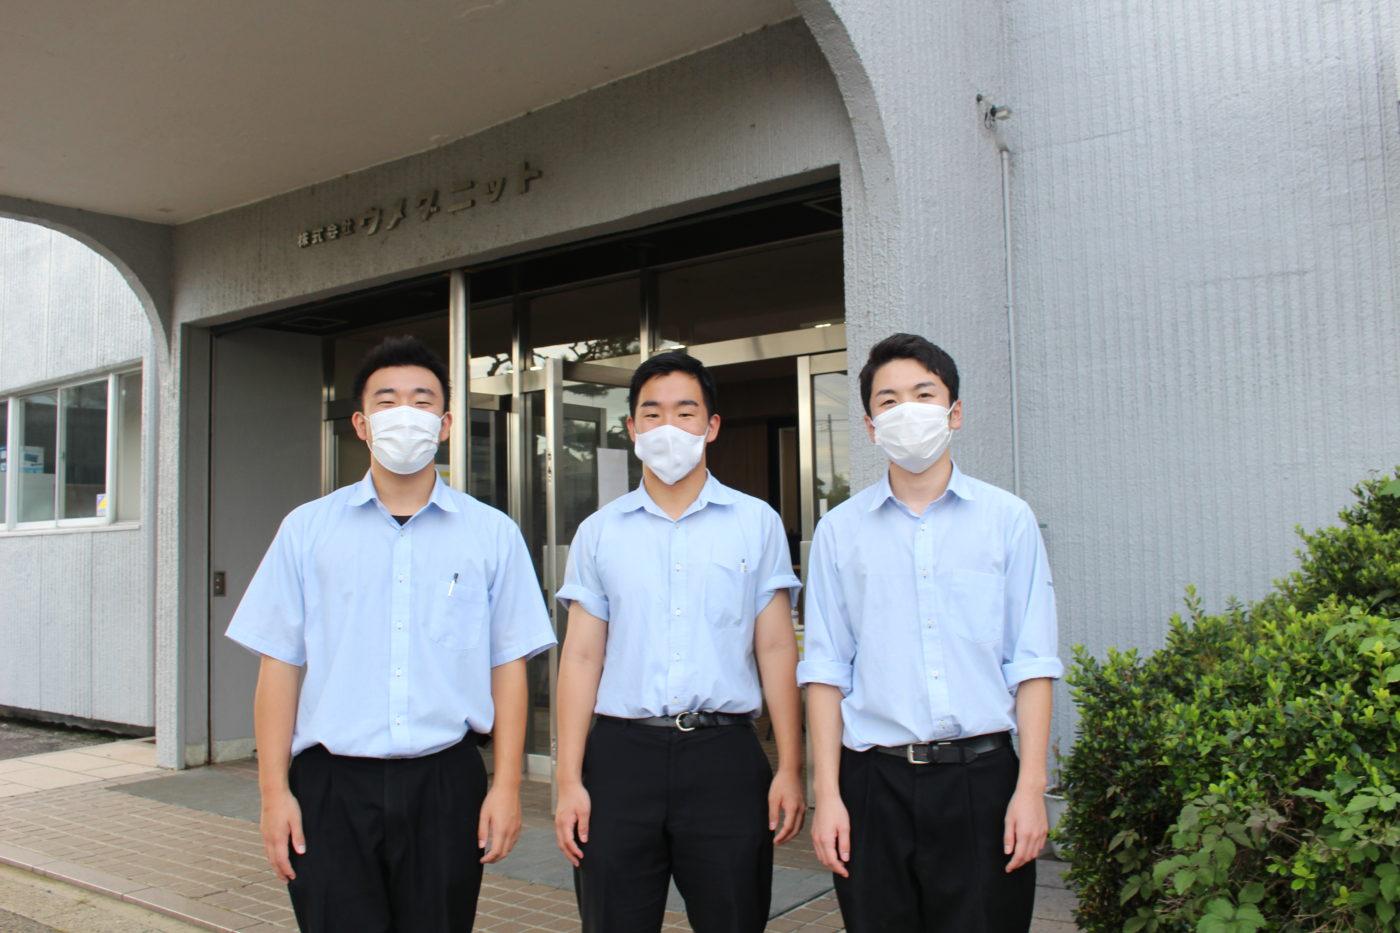 IMG_1396五泉高校生とニット工場で撮影5